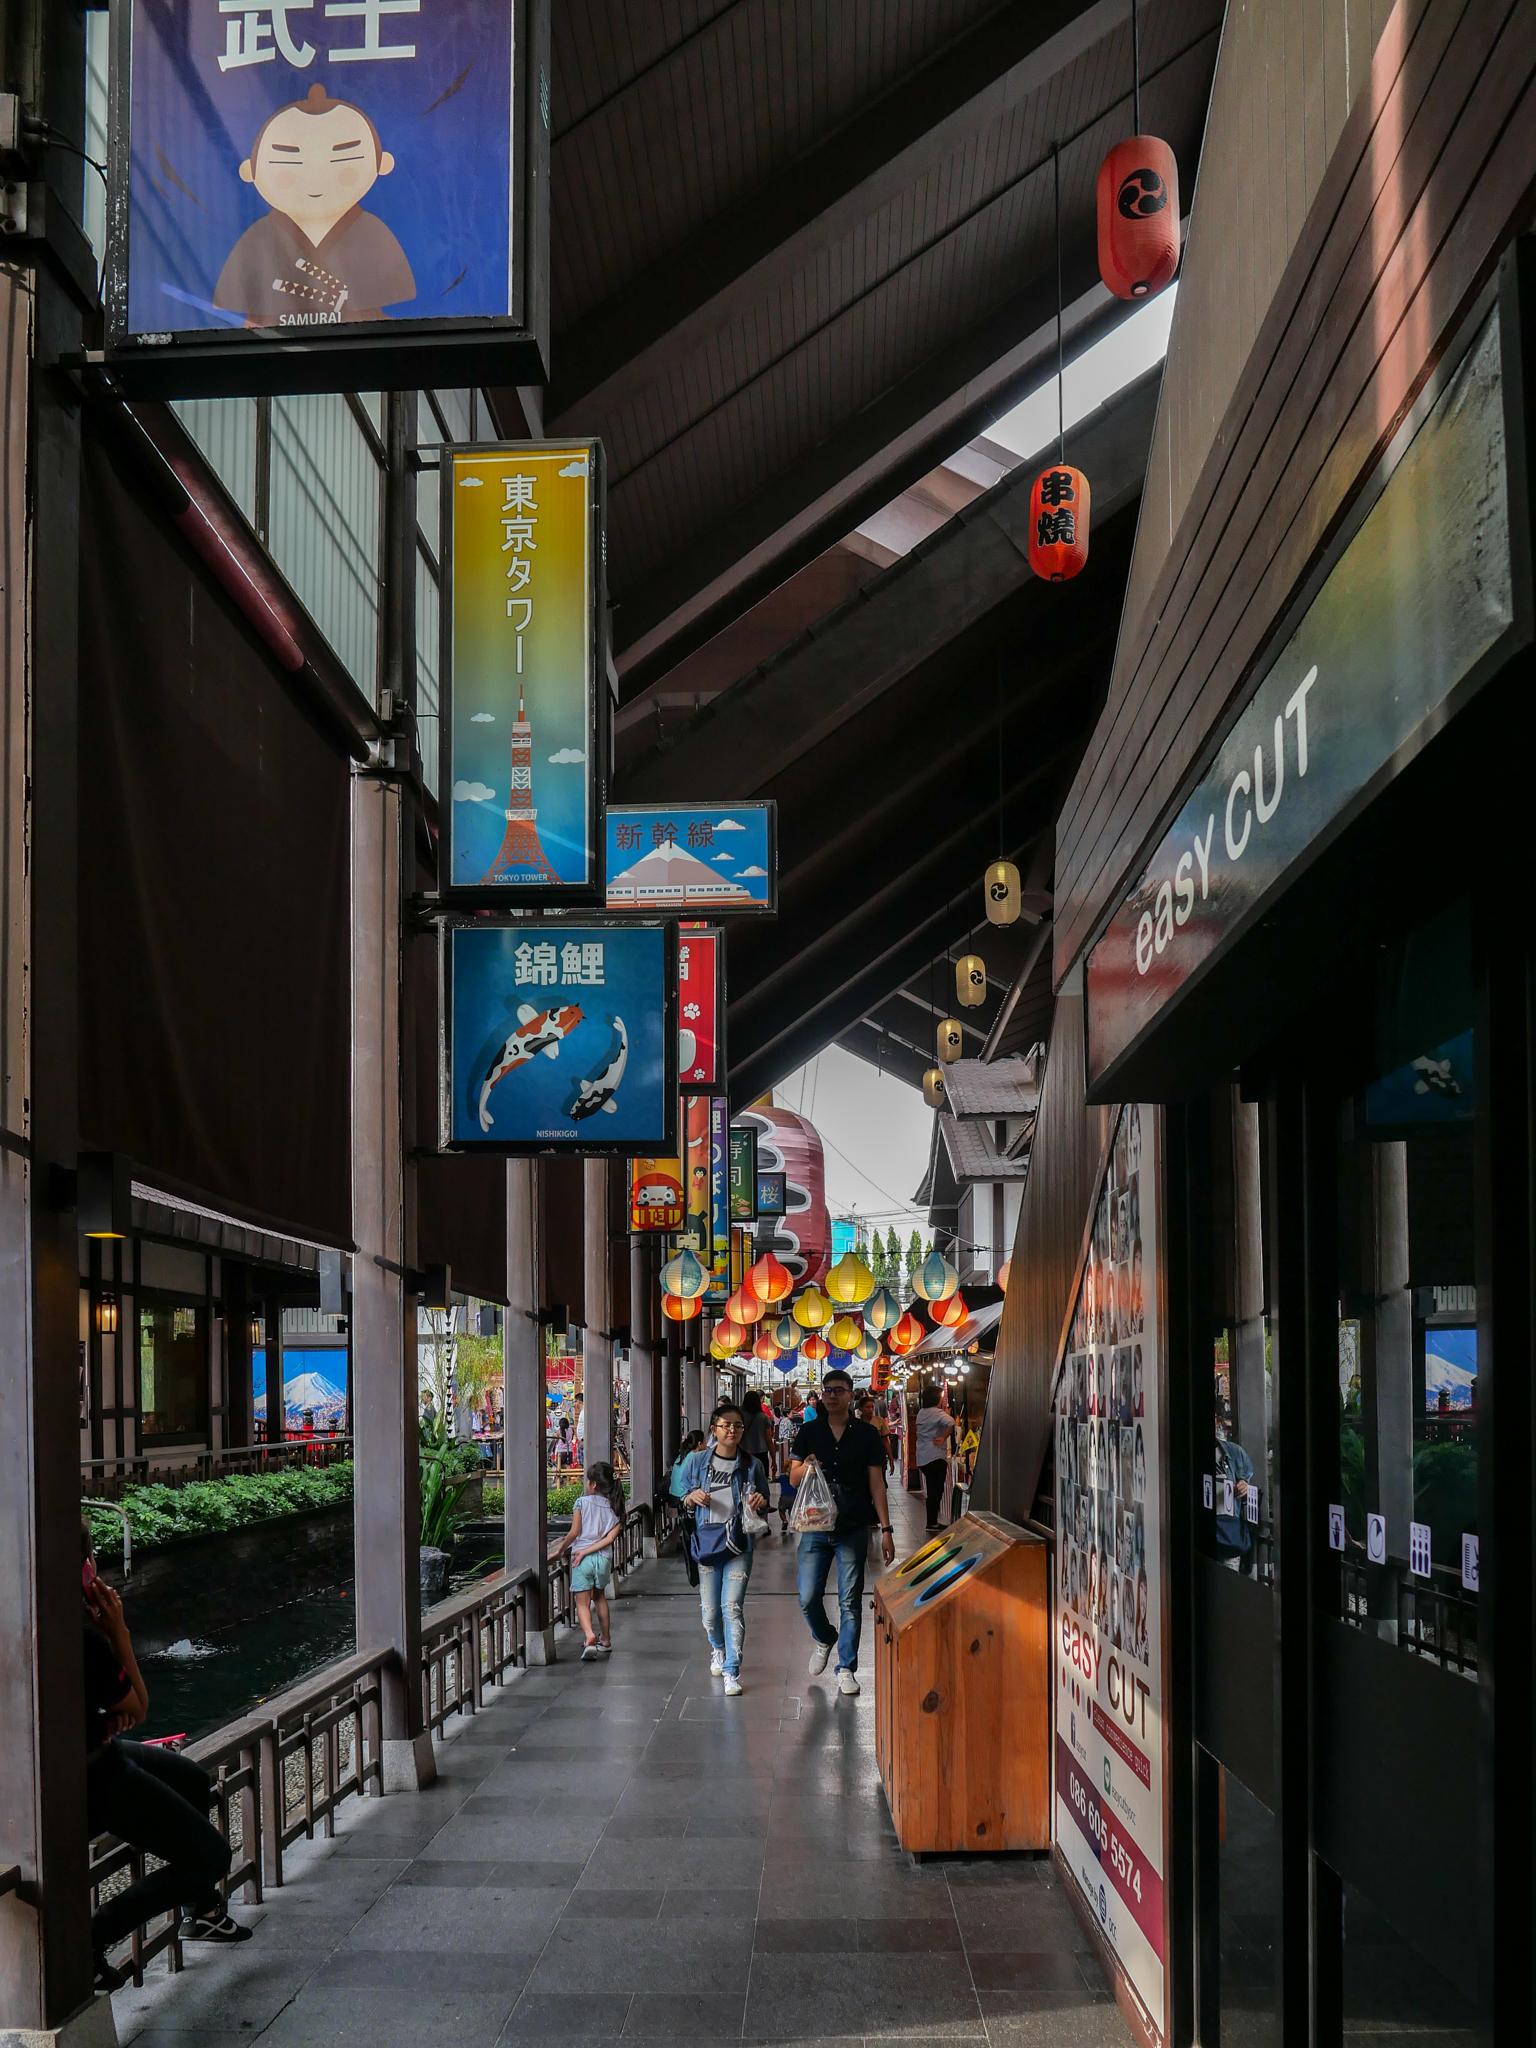 """""""ศรีราชา"""" 12 ที่เที่ยวศรีราชาสำหรับคนมีเวลานิดเดียวแต่อยากเที่ยวญี่ปุ่น 20 - Highlight"""